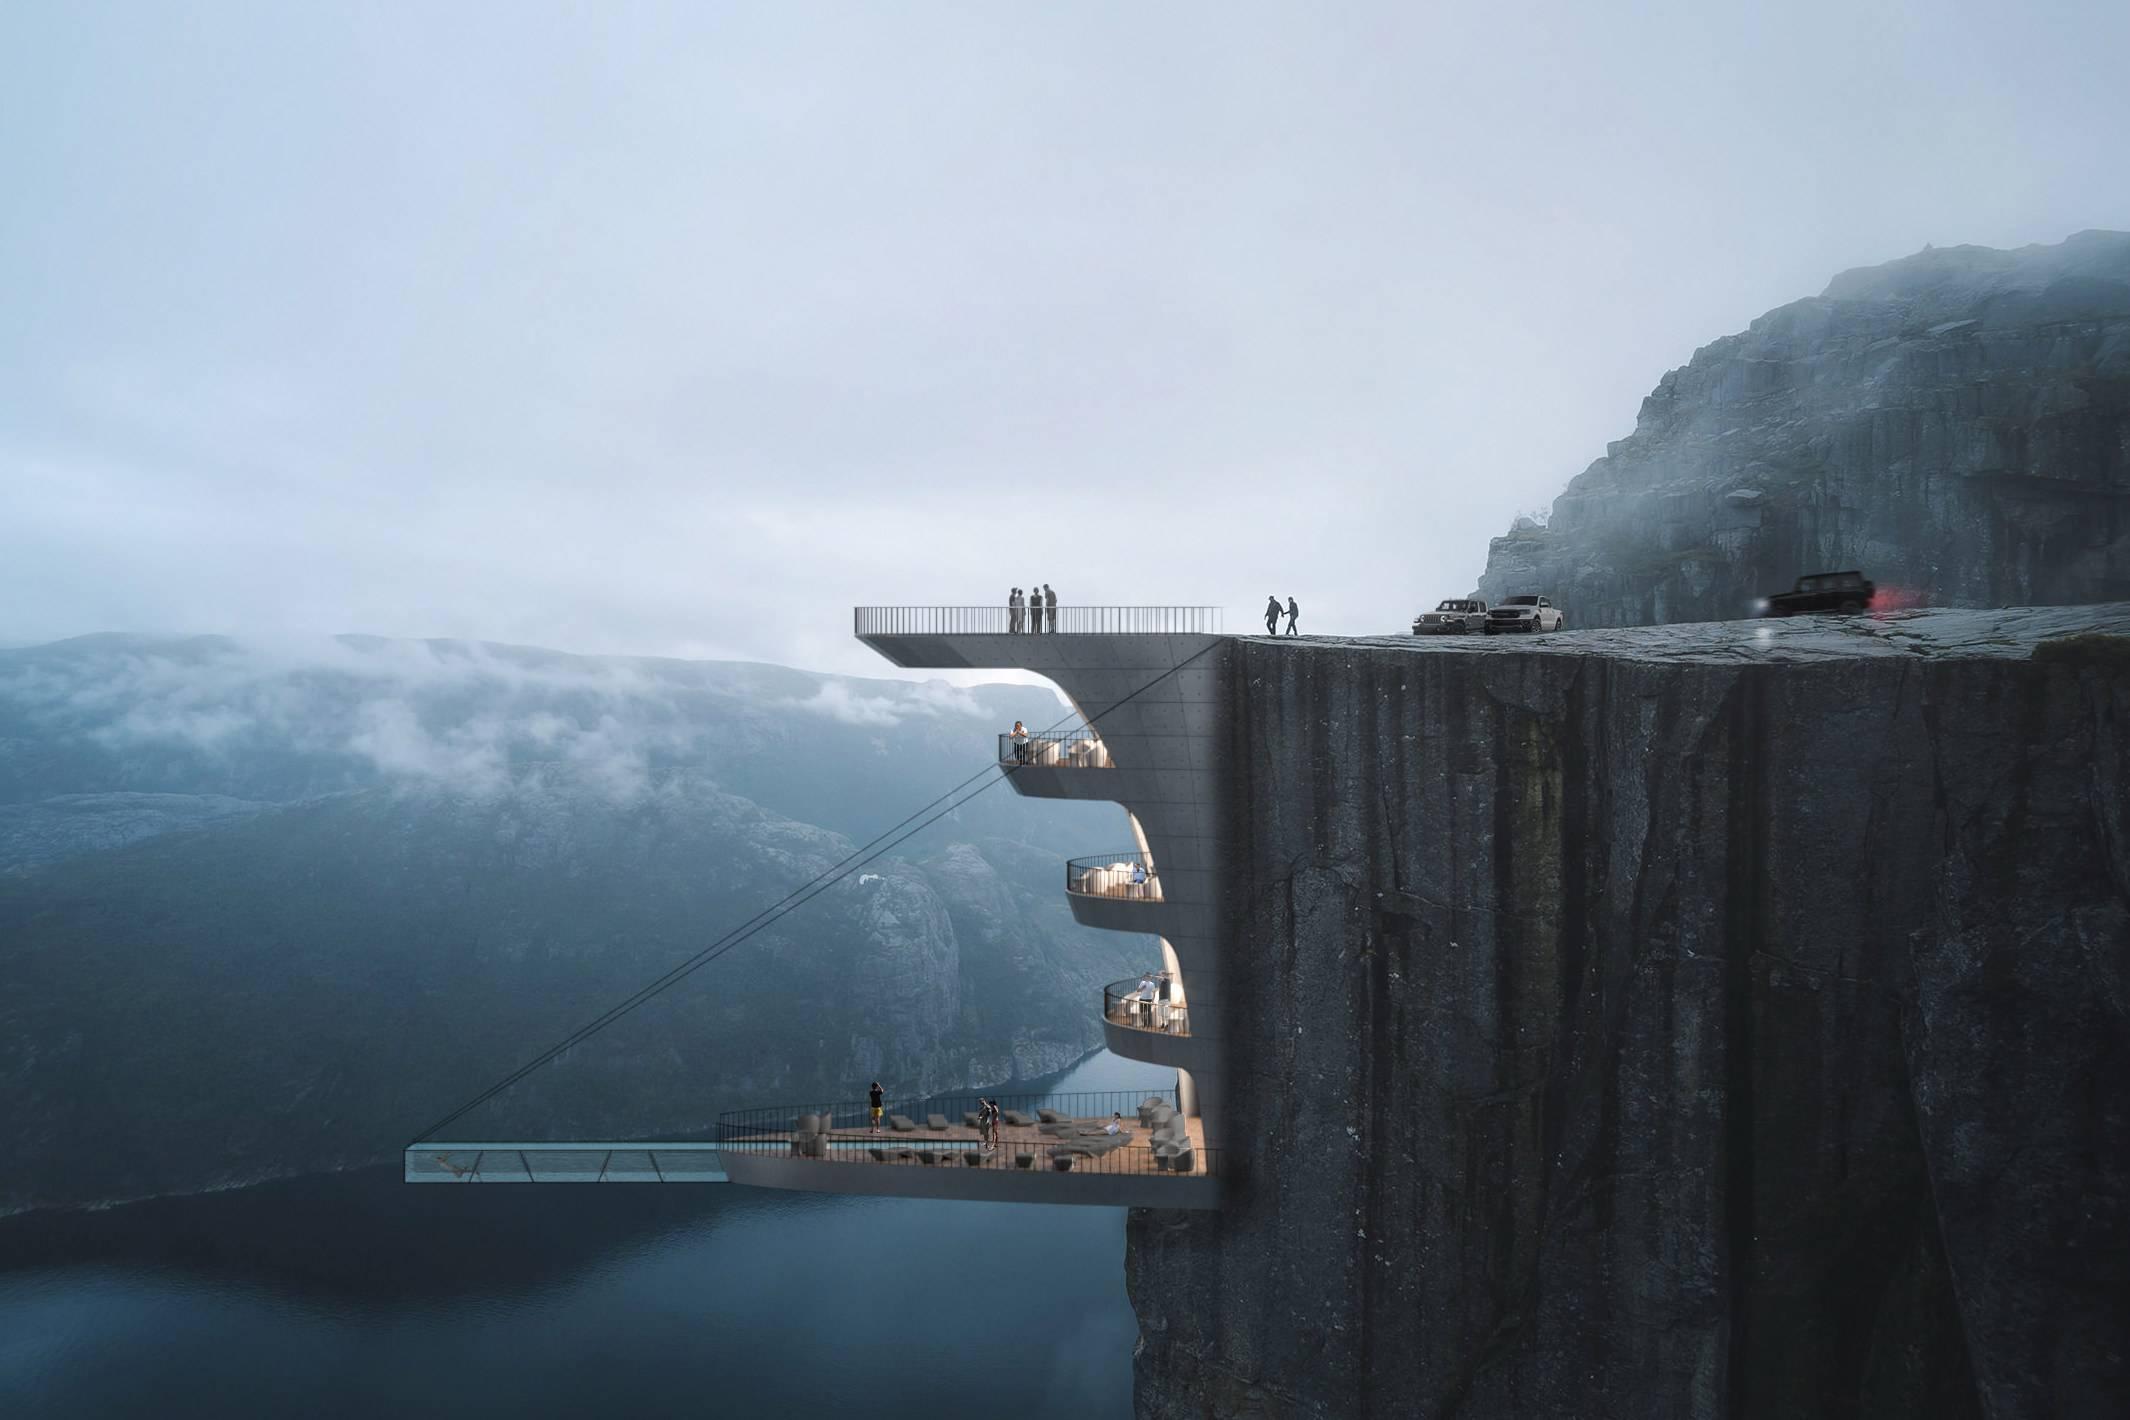 挪威Cliff Concept Boutique Hotel:可能是全球最刺激的精品酒店